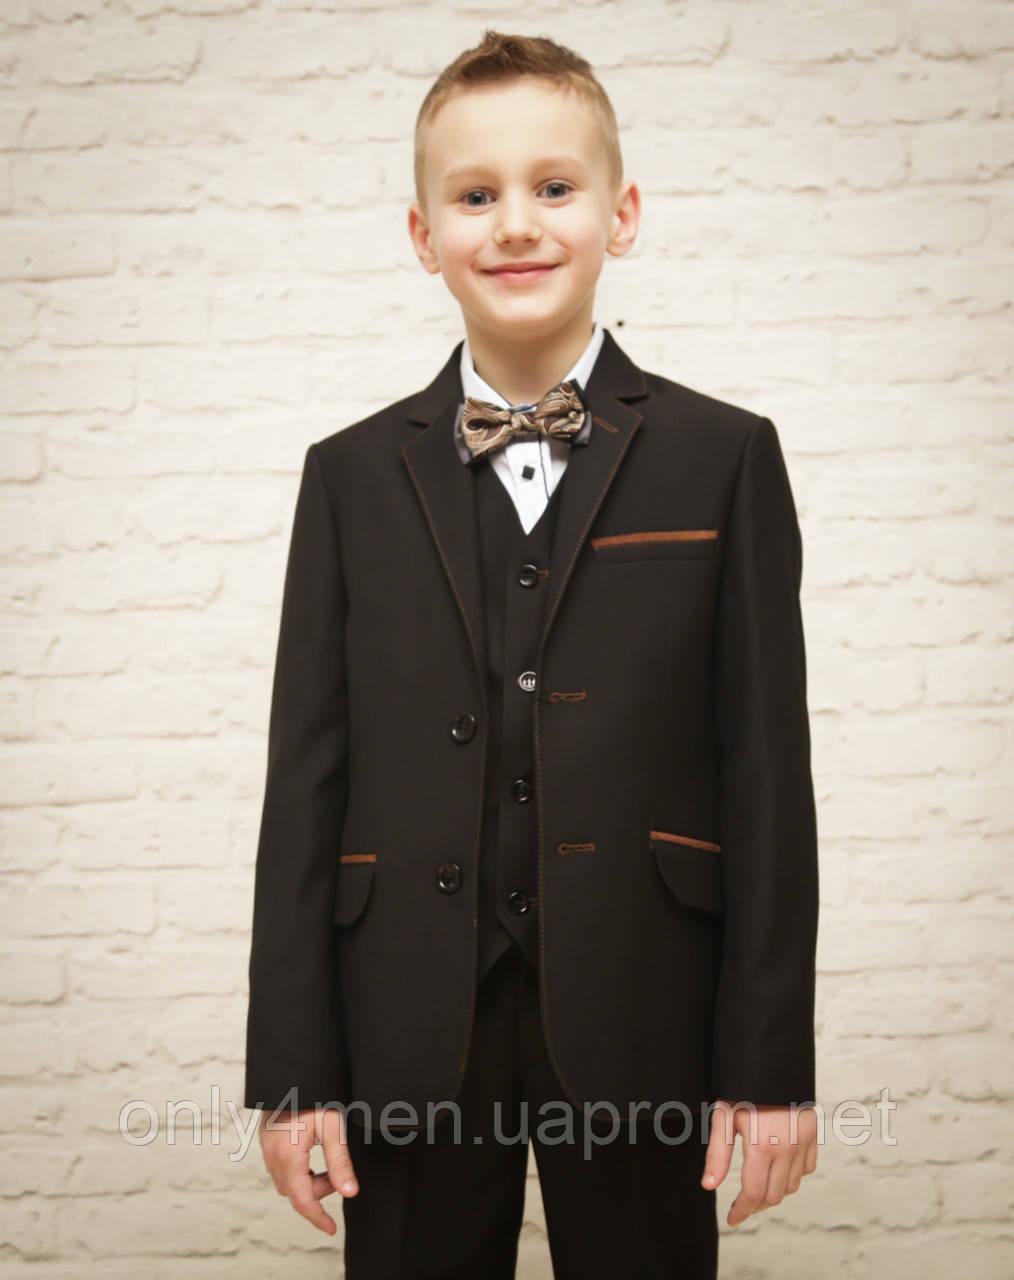 Классический костюм для мальчика.черный цвет 116-140см